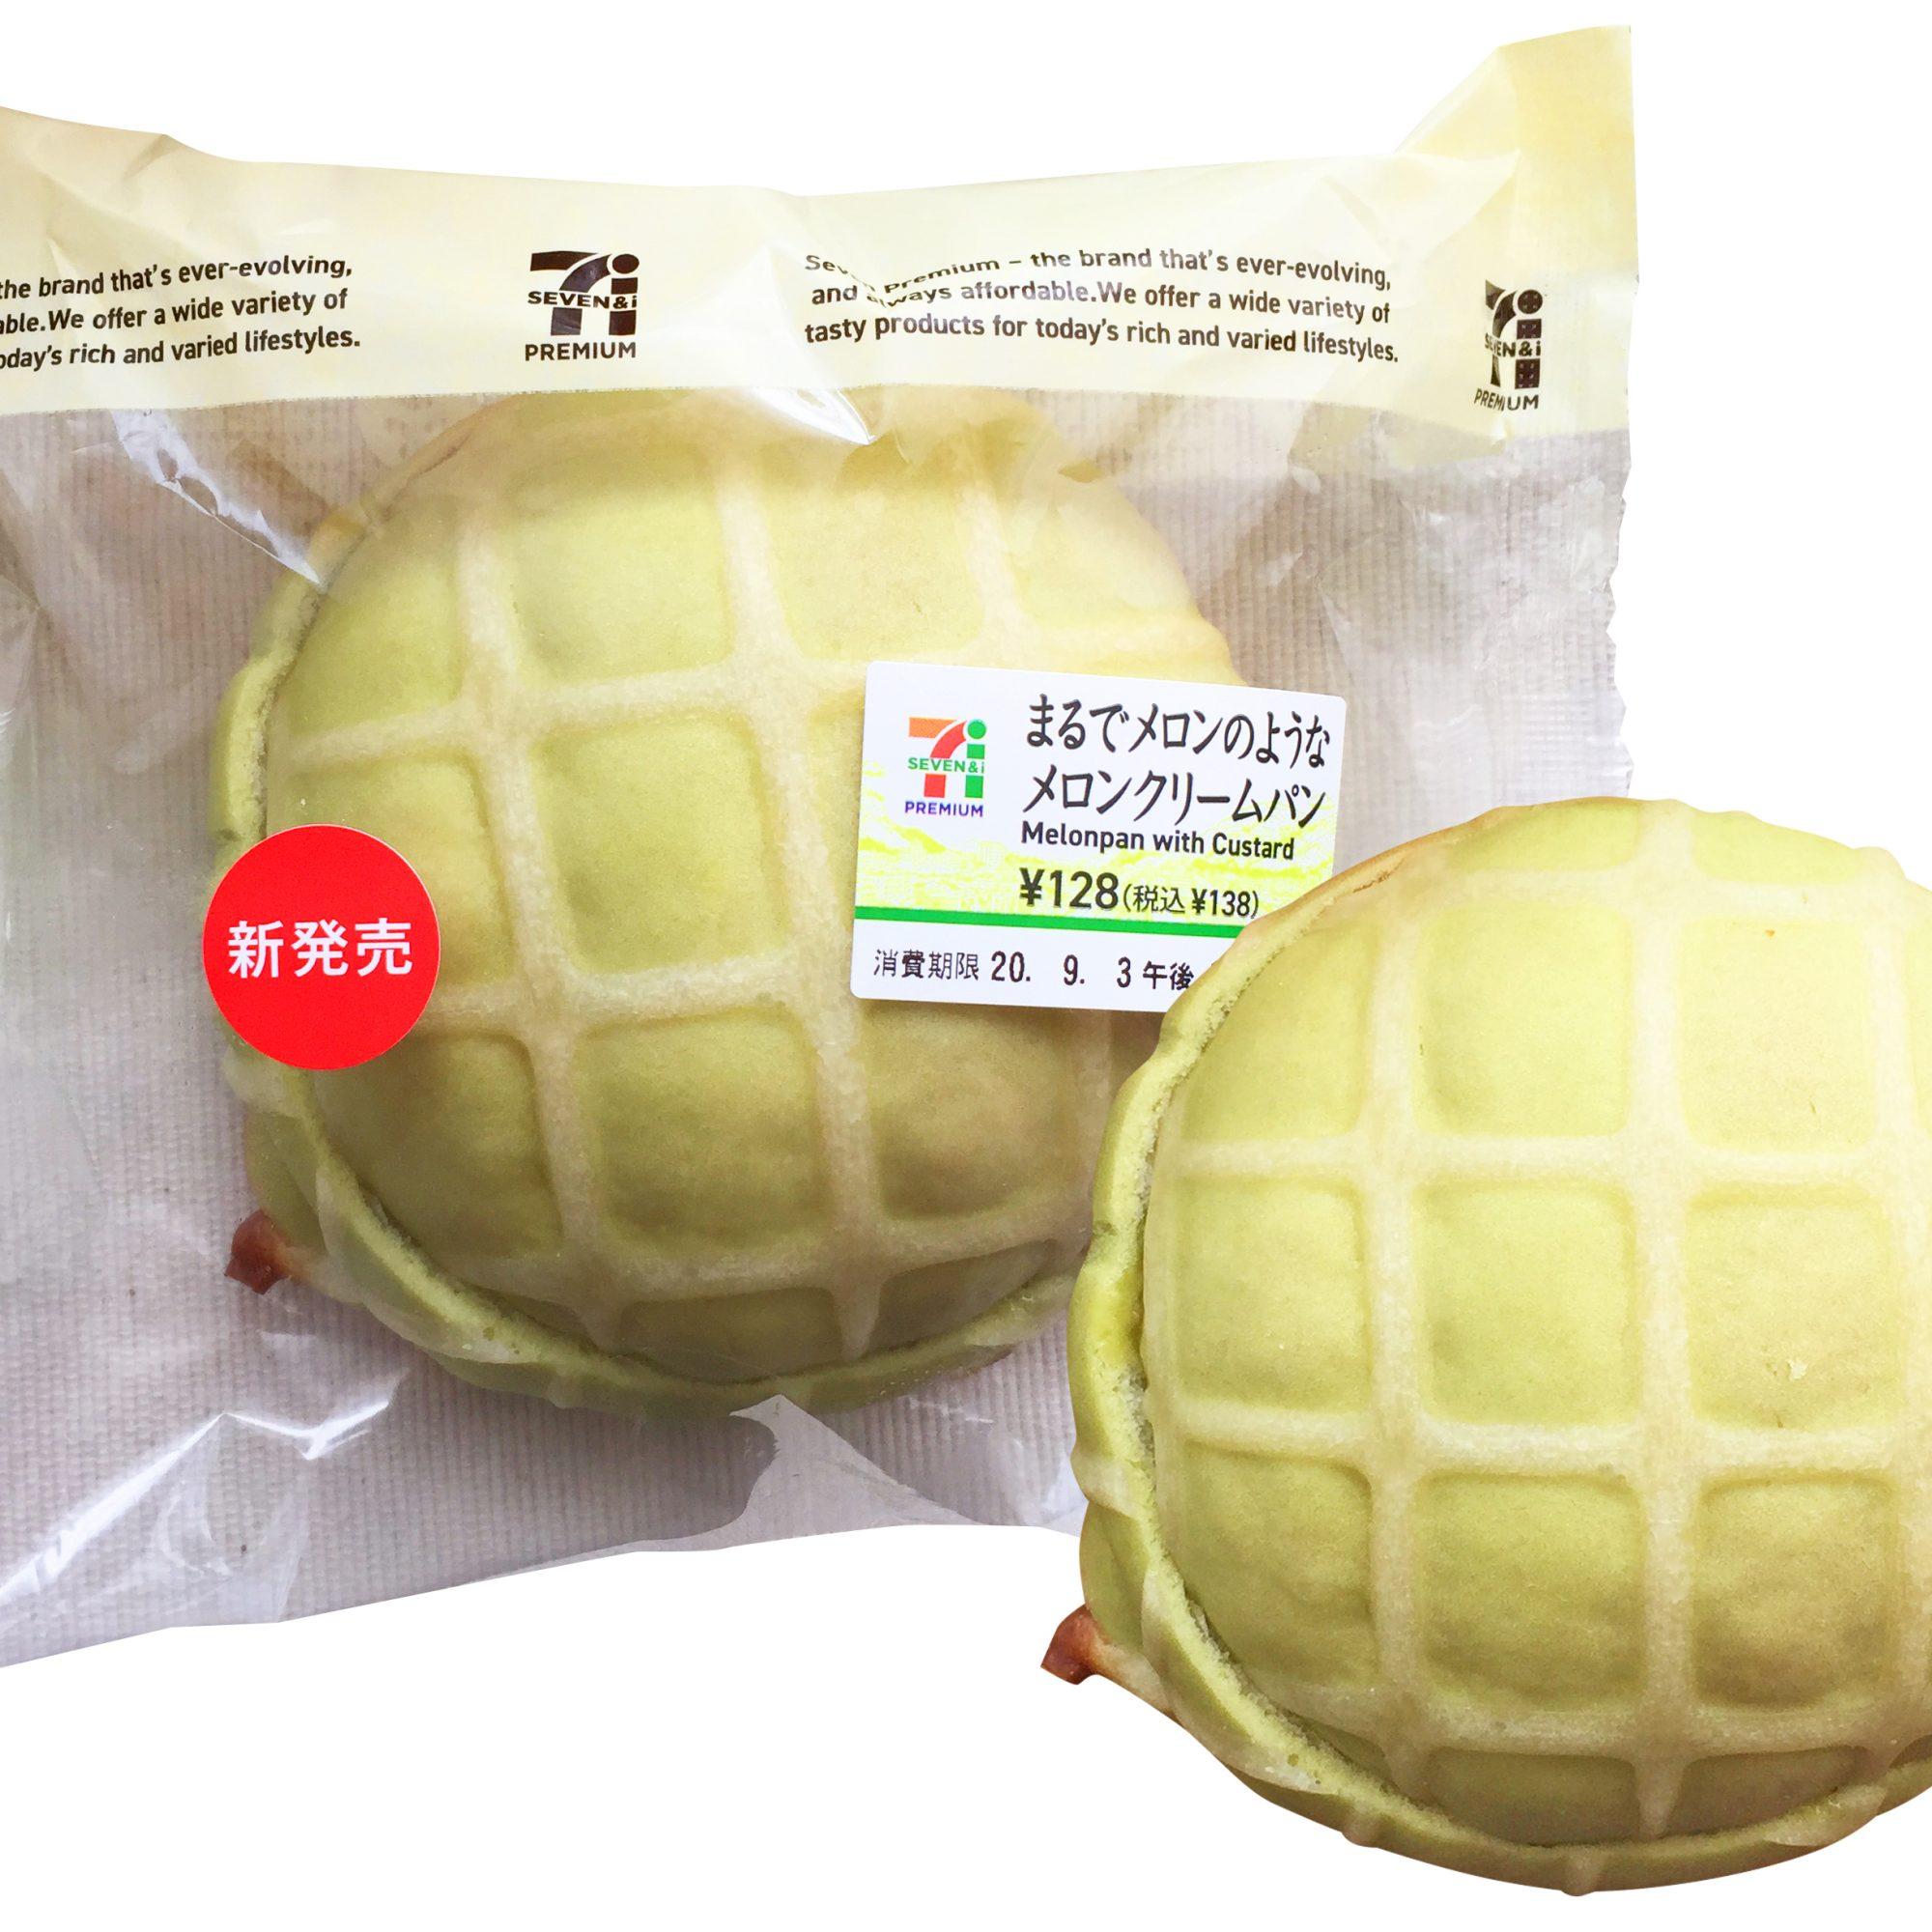 セブン−イレブン『まるでメロンのようなメロンクリームパン』は美味しいものの商品名に違和感あり?メロンの網目がなぜできるかも簡単に紹介!